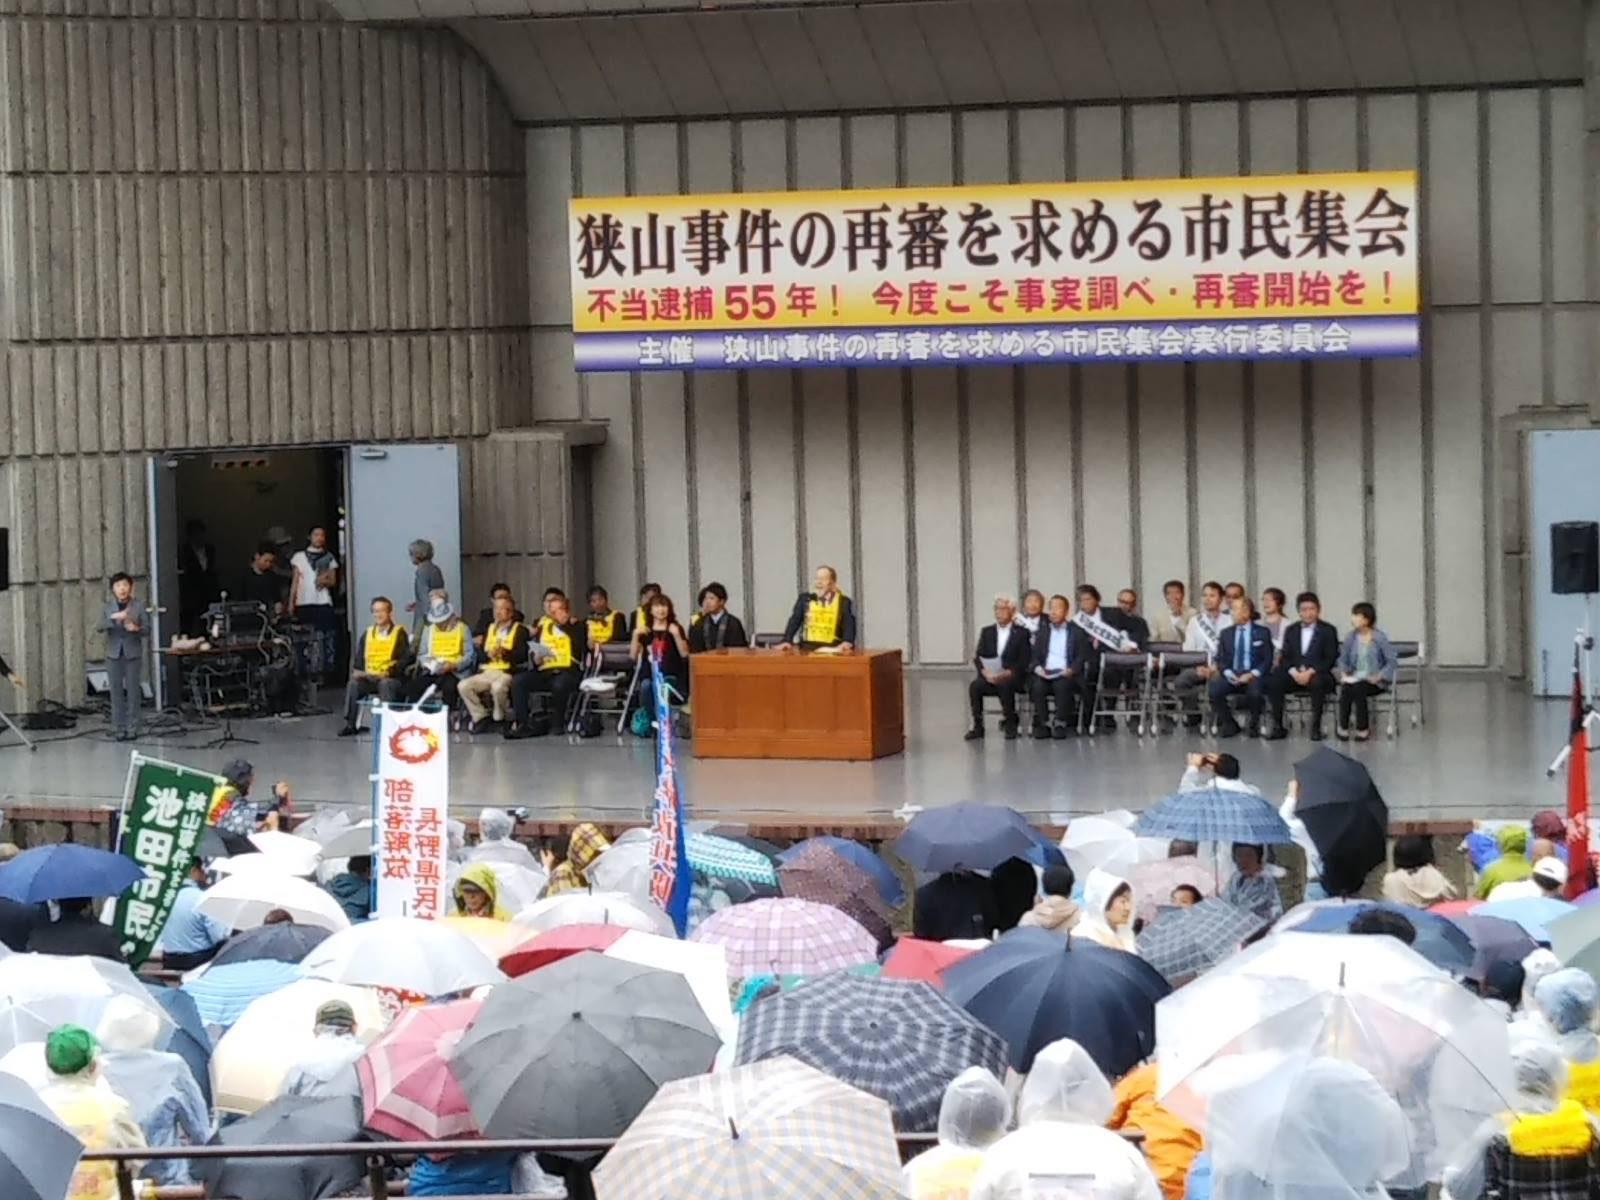 狭山事件の再審を求める市民集会